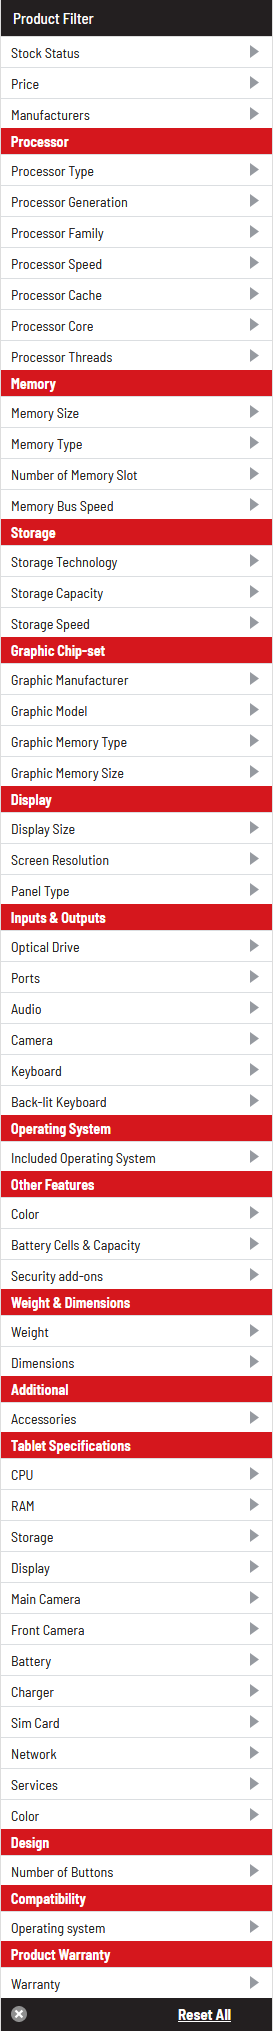 Compu Jordan for Computers filter